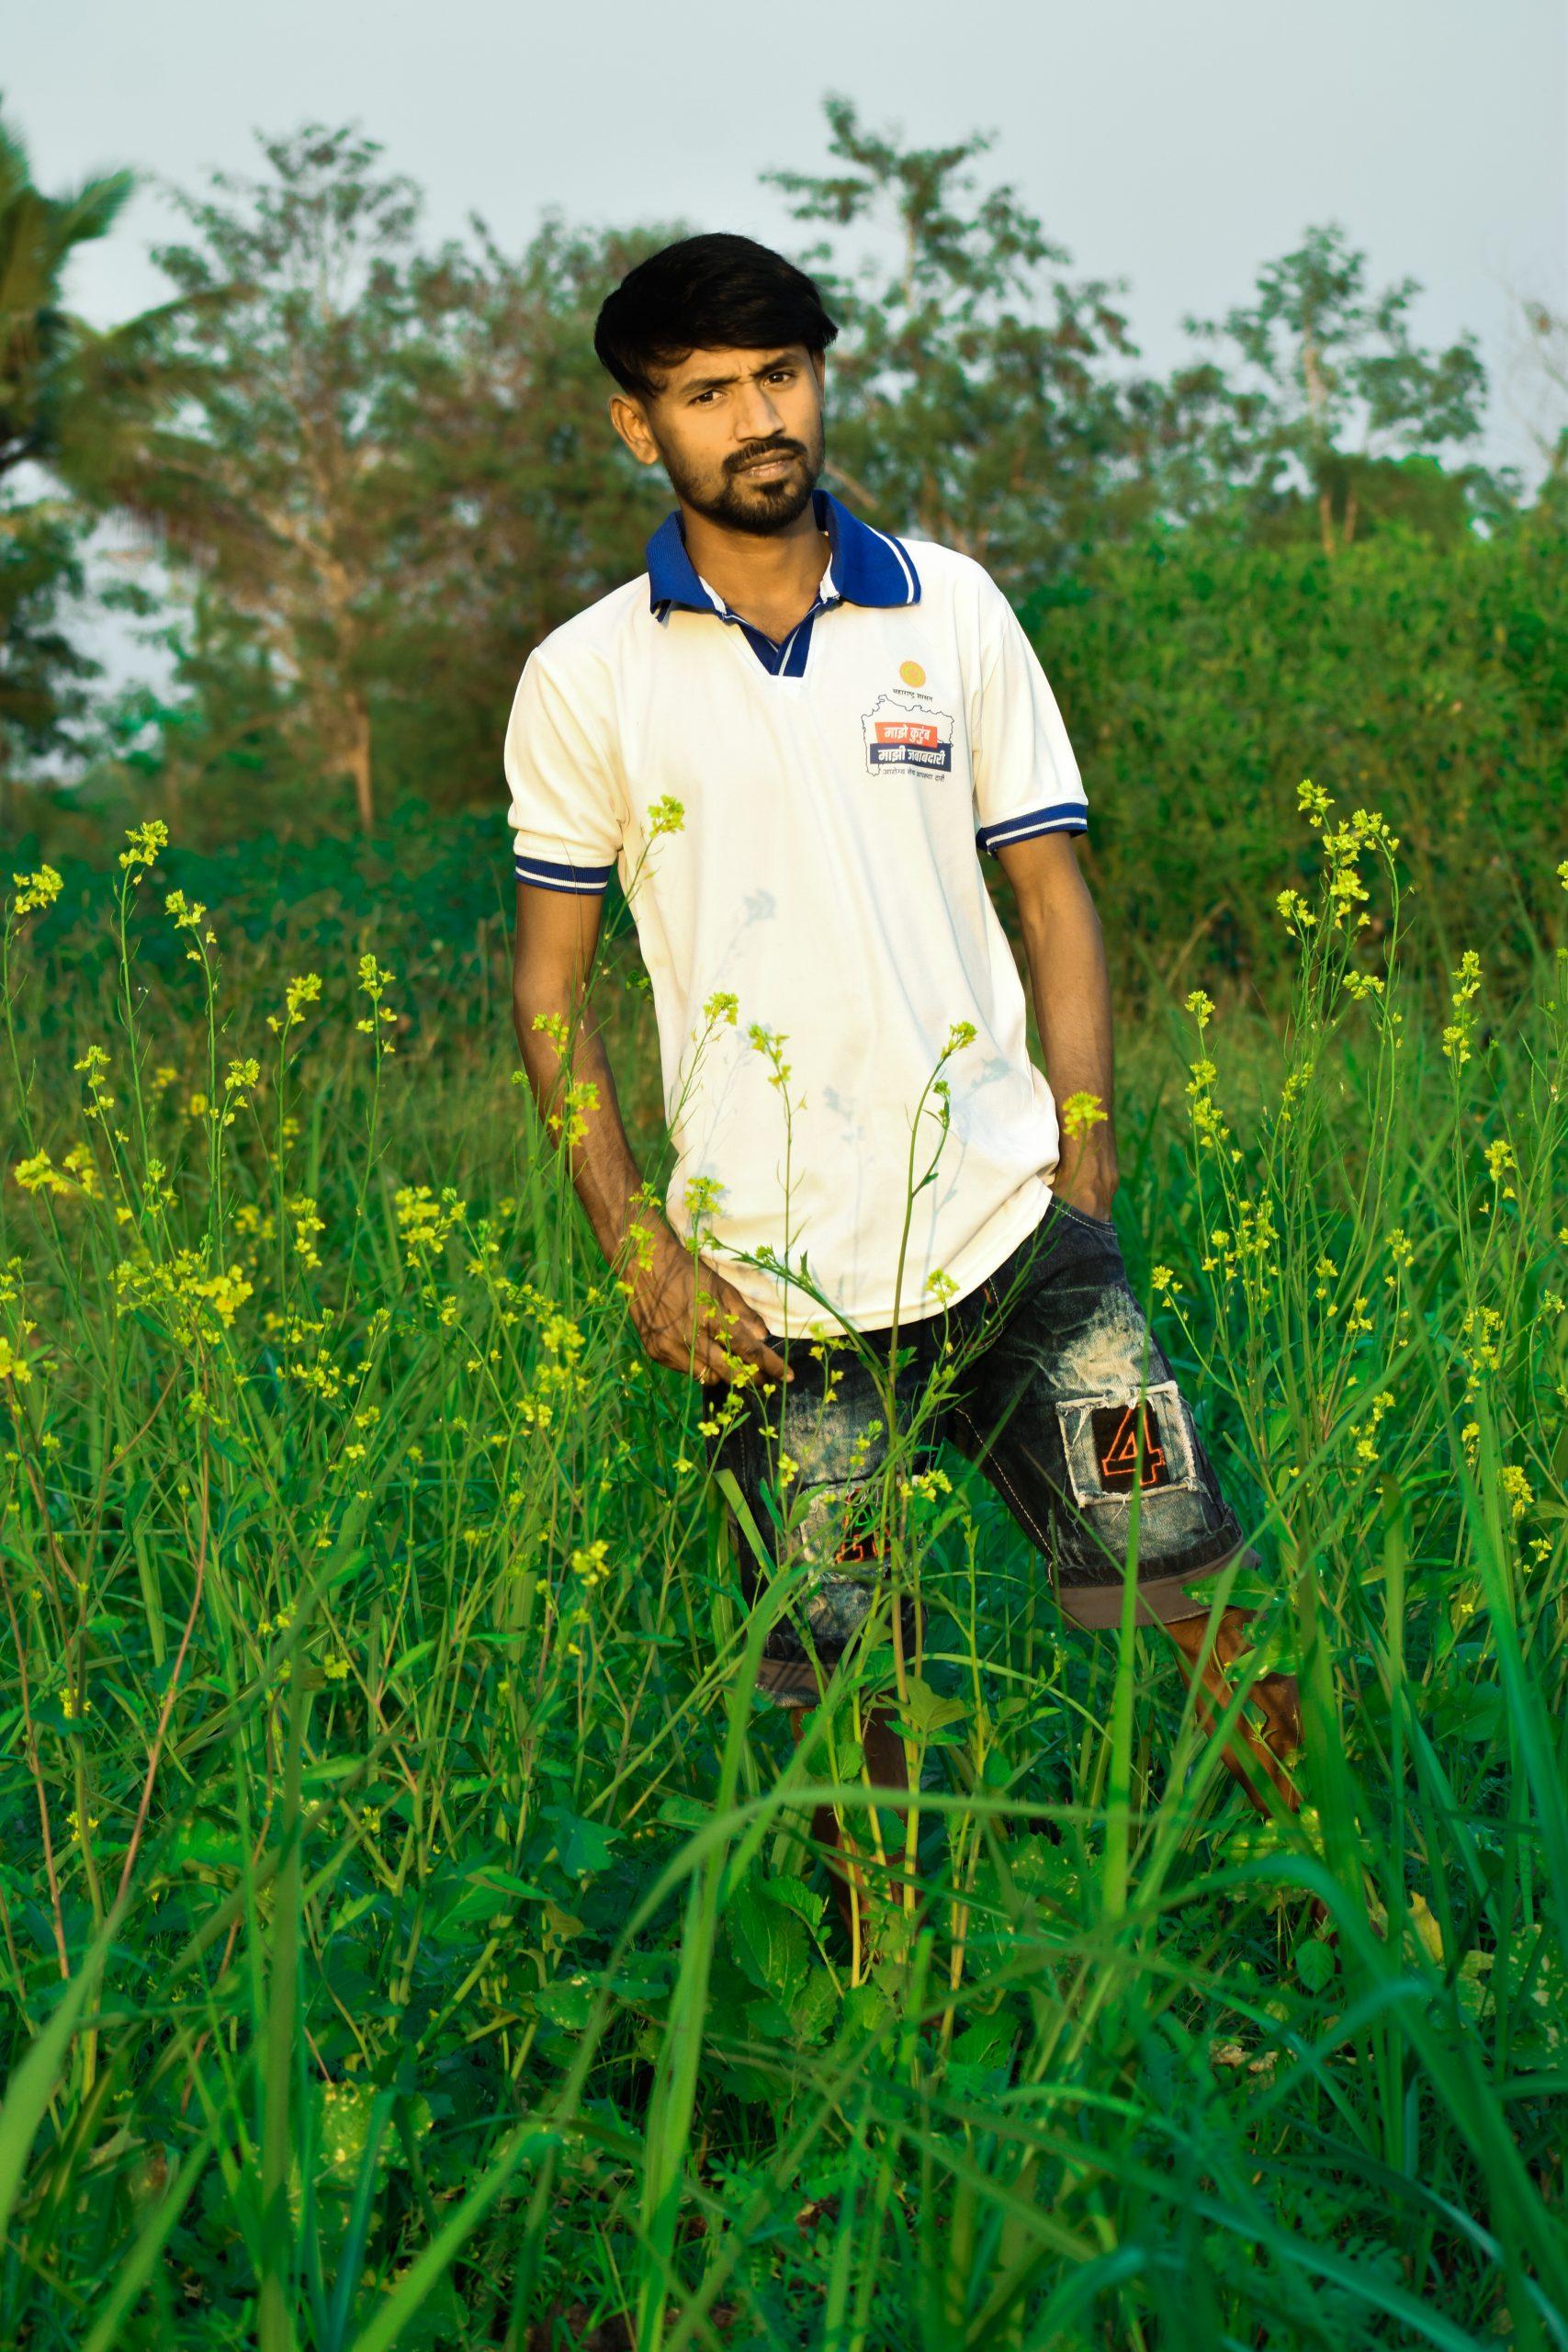 Stylish boy posing in the crop farm